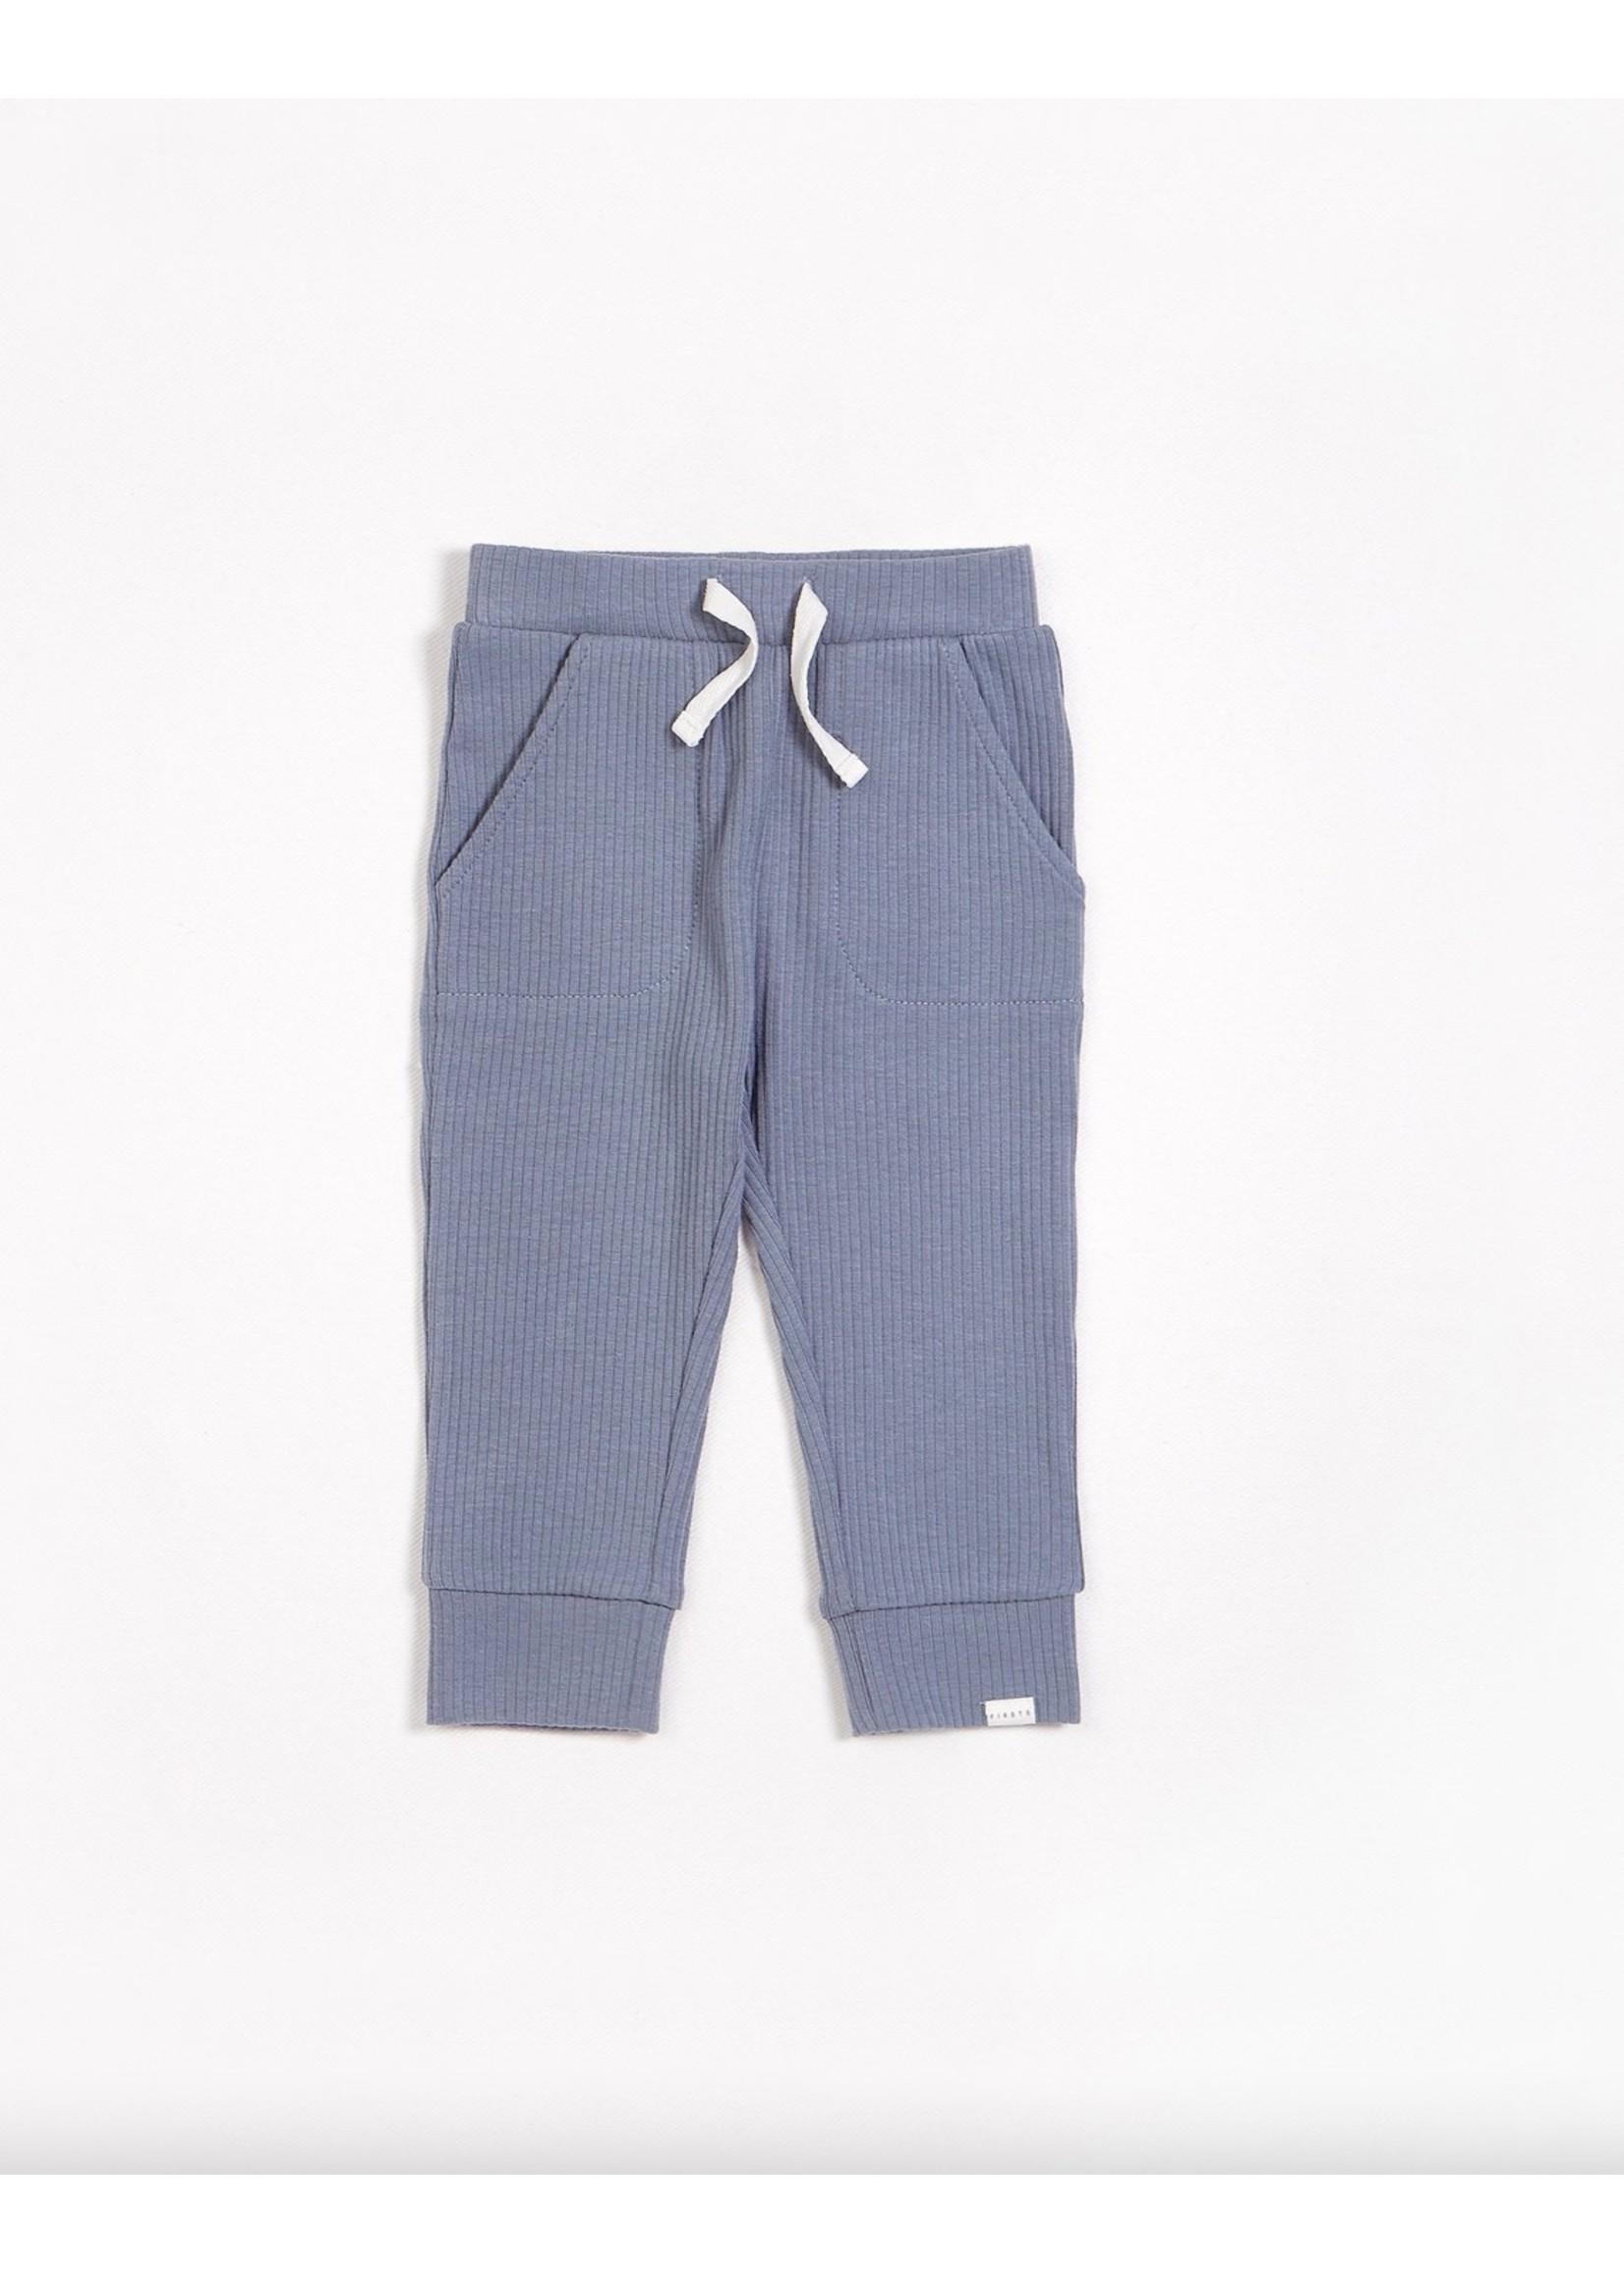 Petit Lem Petit Lem, Blue Dusk Modal Rib Pants (NB-24M)